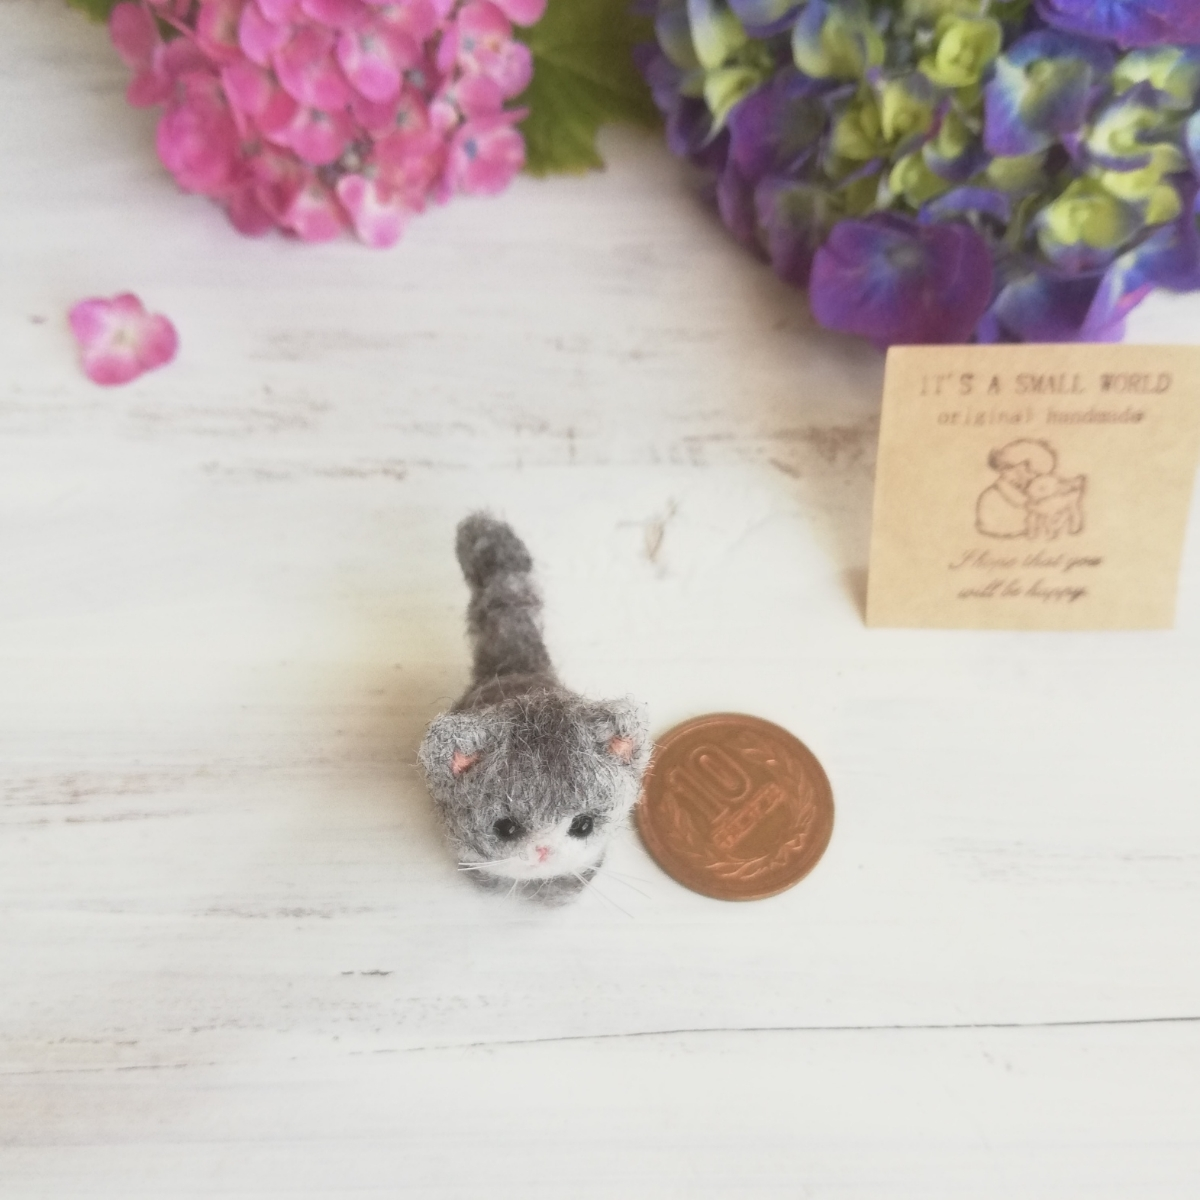 IT'S A SMALL WORLD*羊毛ミニチュア子猫・さばとら猫 お座りポーズ・レギュラーサイズ*羊毛フェルト_画像4